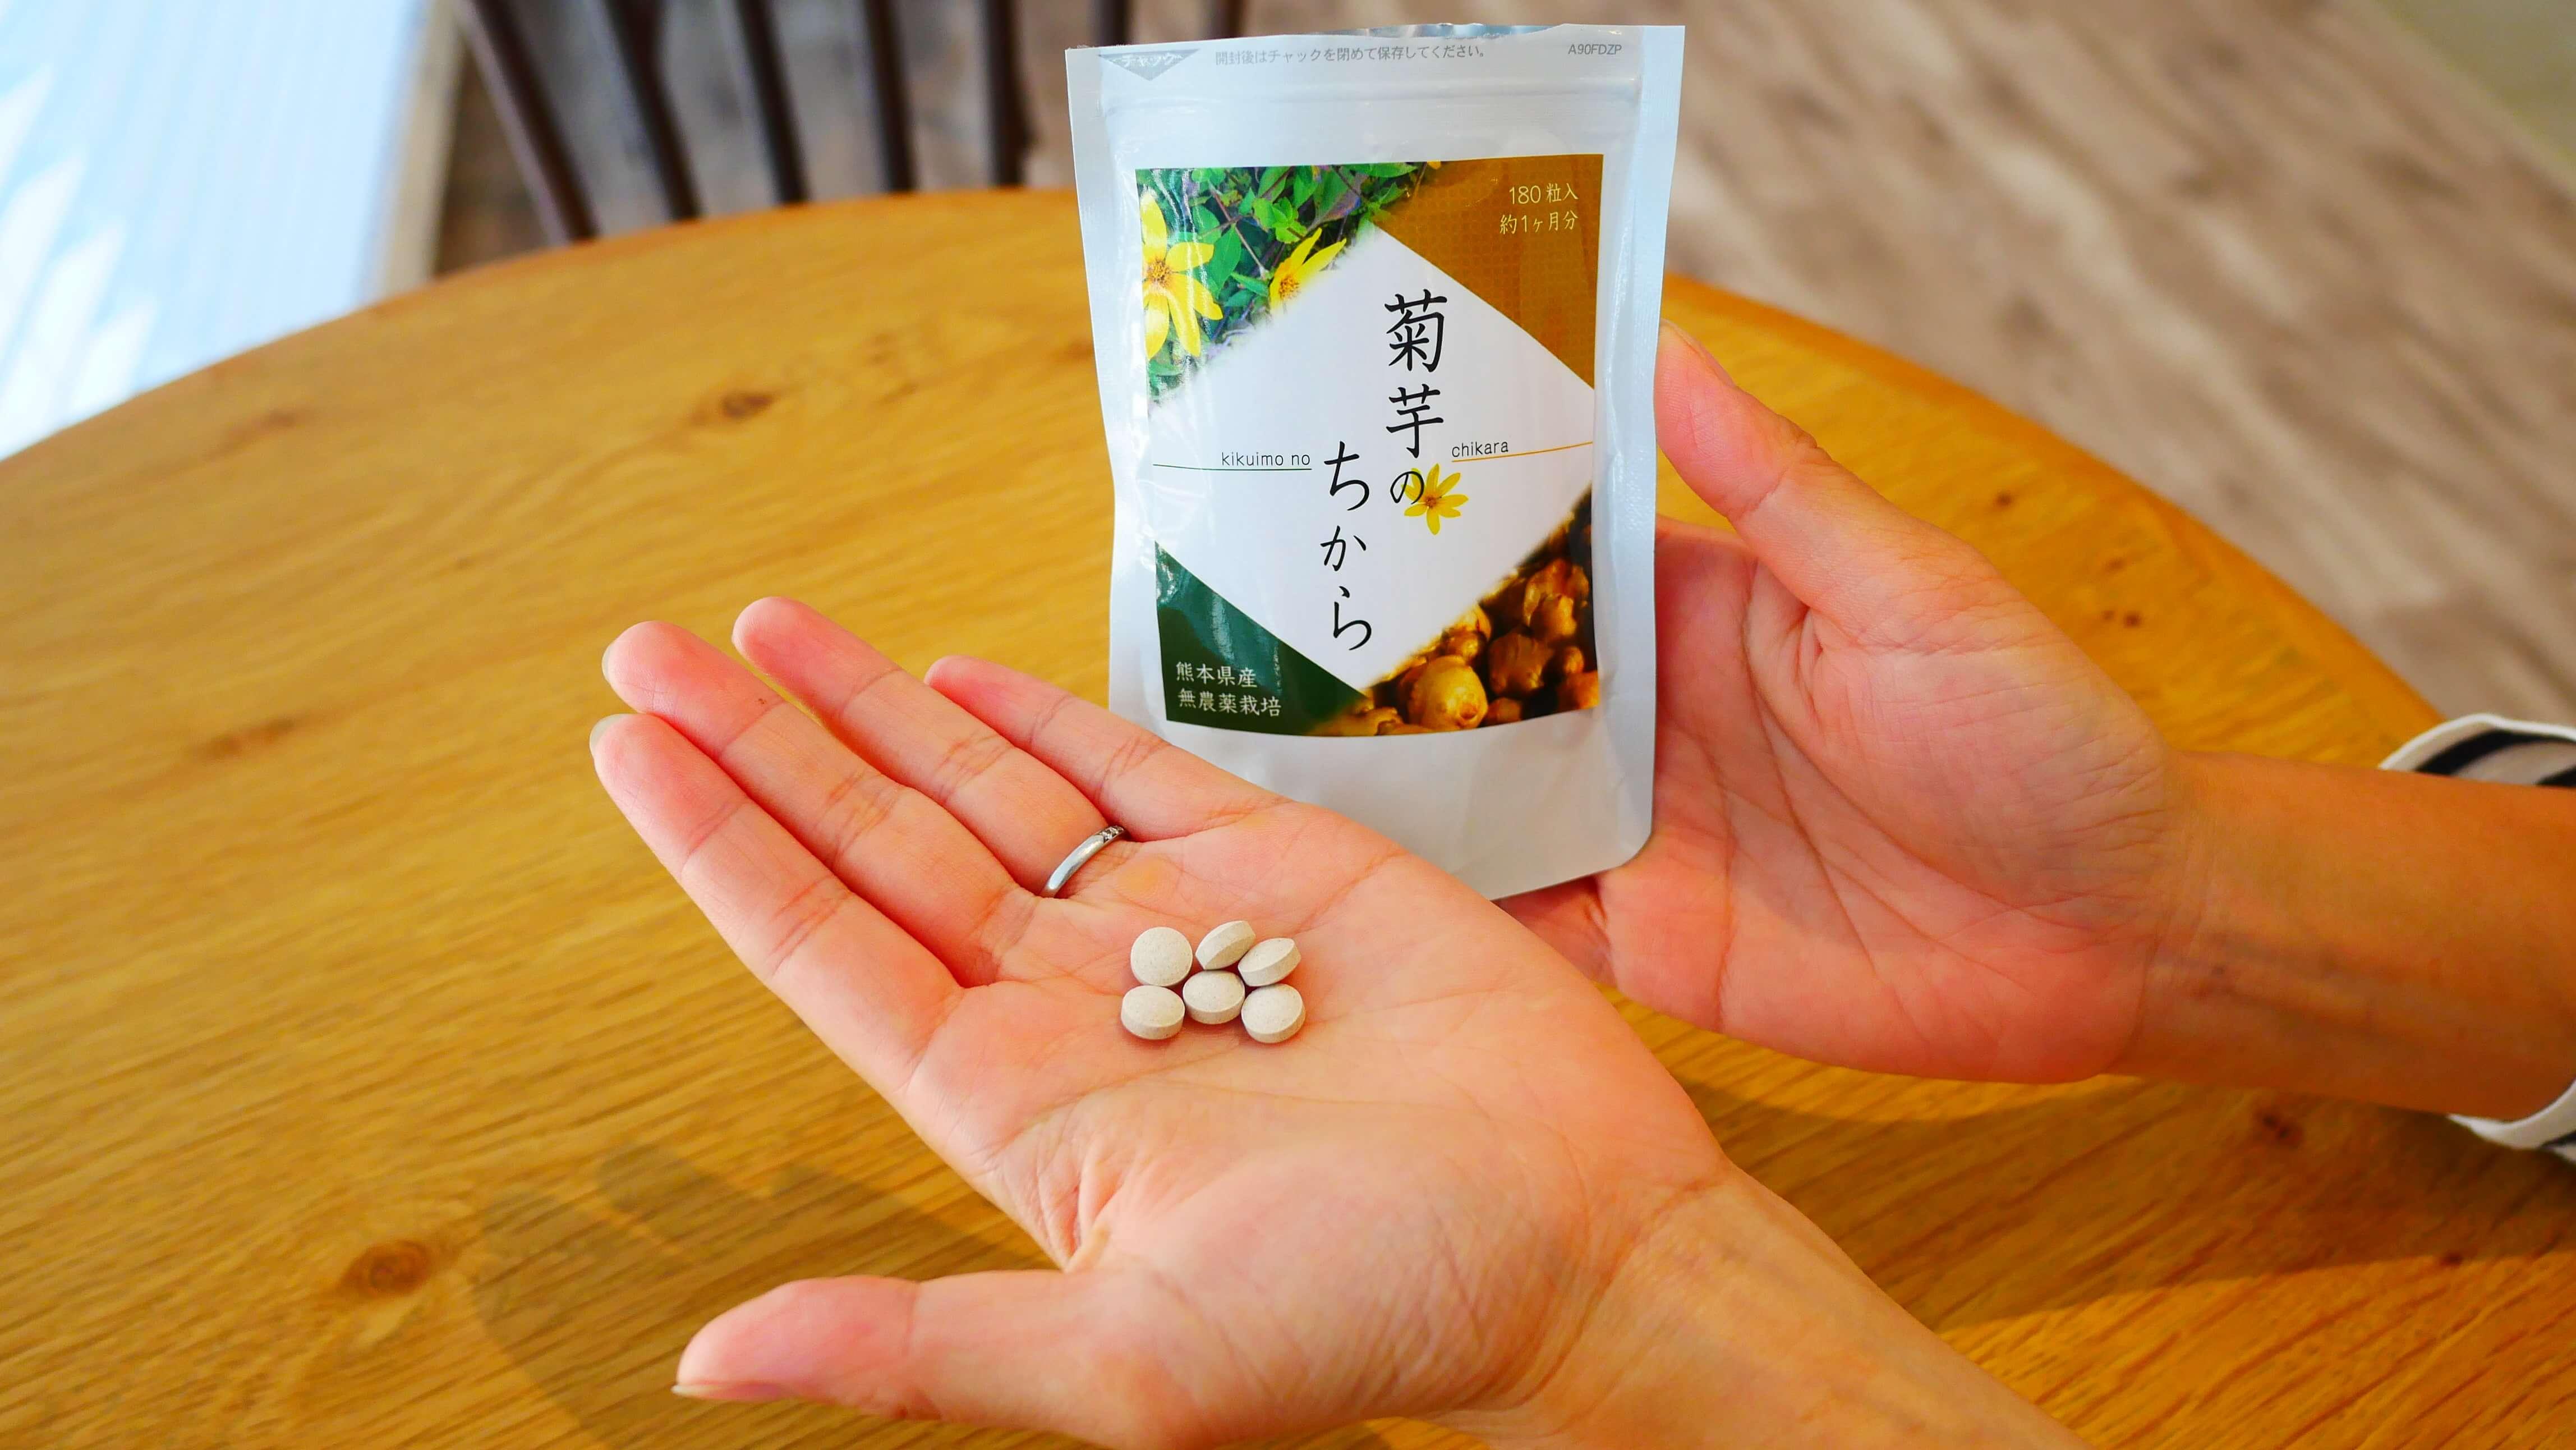 「菊芋のちから」「菊芋の粉タイプ」のサプリ